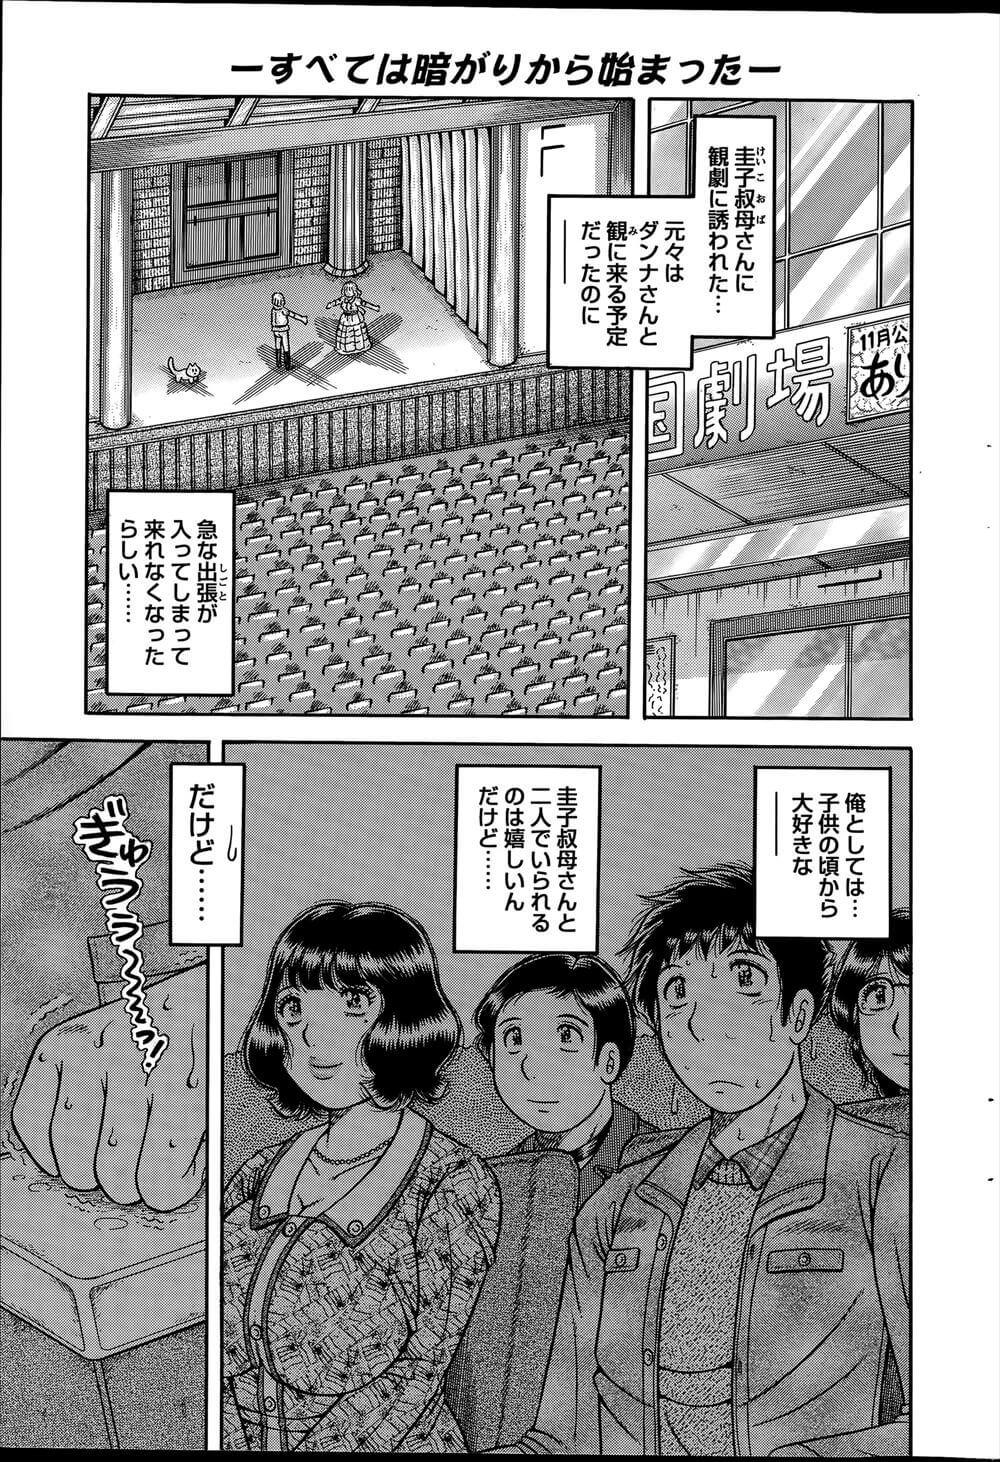 【エロ漫画】大好きな弟に彼女が出来たと思った巨乳な姉はデートを再現させて映画館で手コキするw【無料 エロ同人】